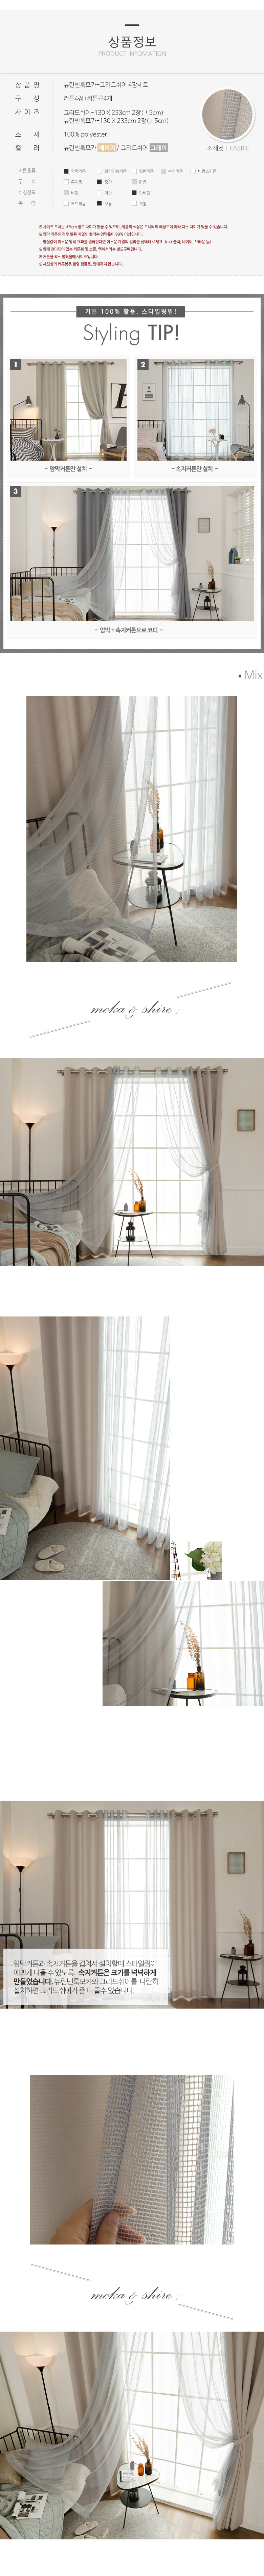 린넨룩모카+그리드쉬어 긴창 암막커튼 4장세트 - 비에이치에프, 63,900원, 암막커튼, 무지/솔리드